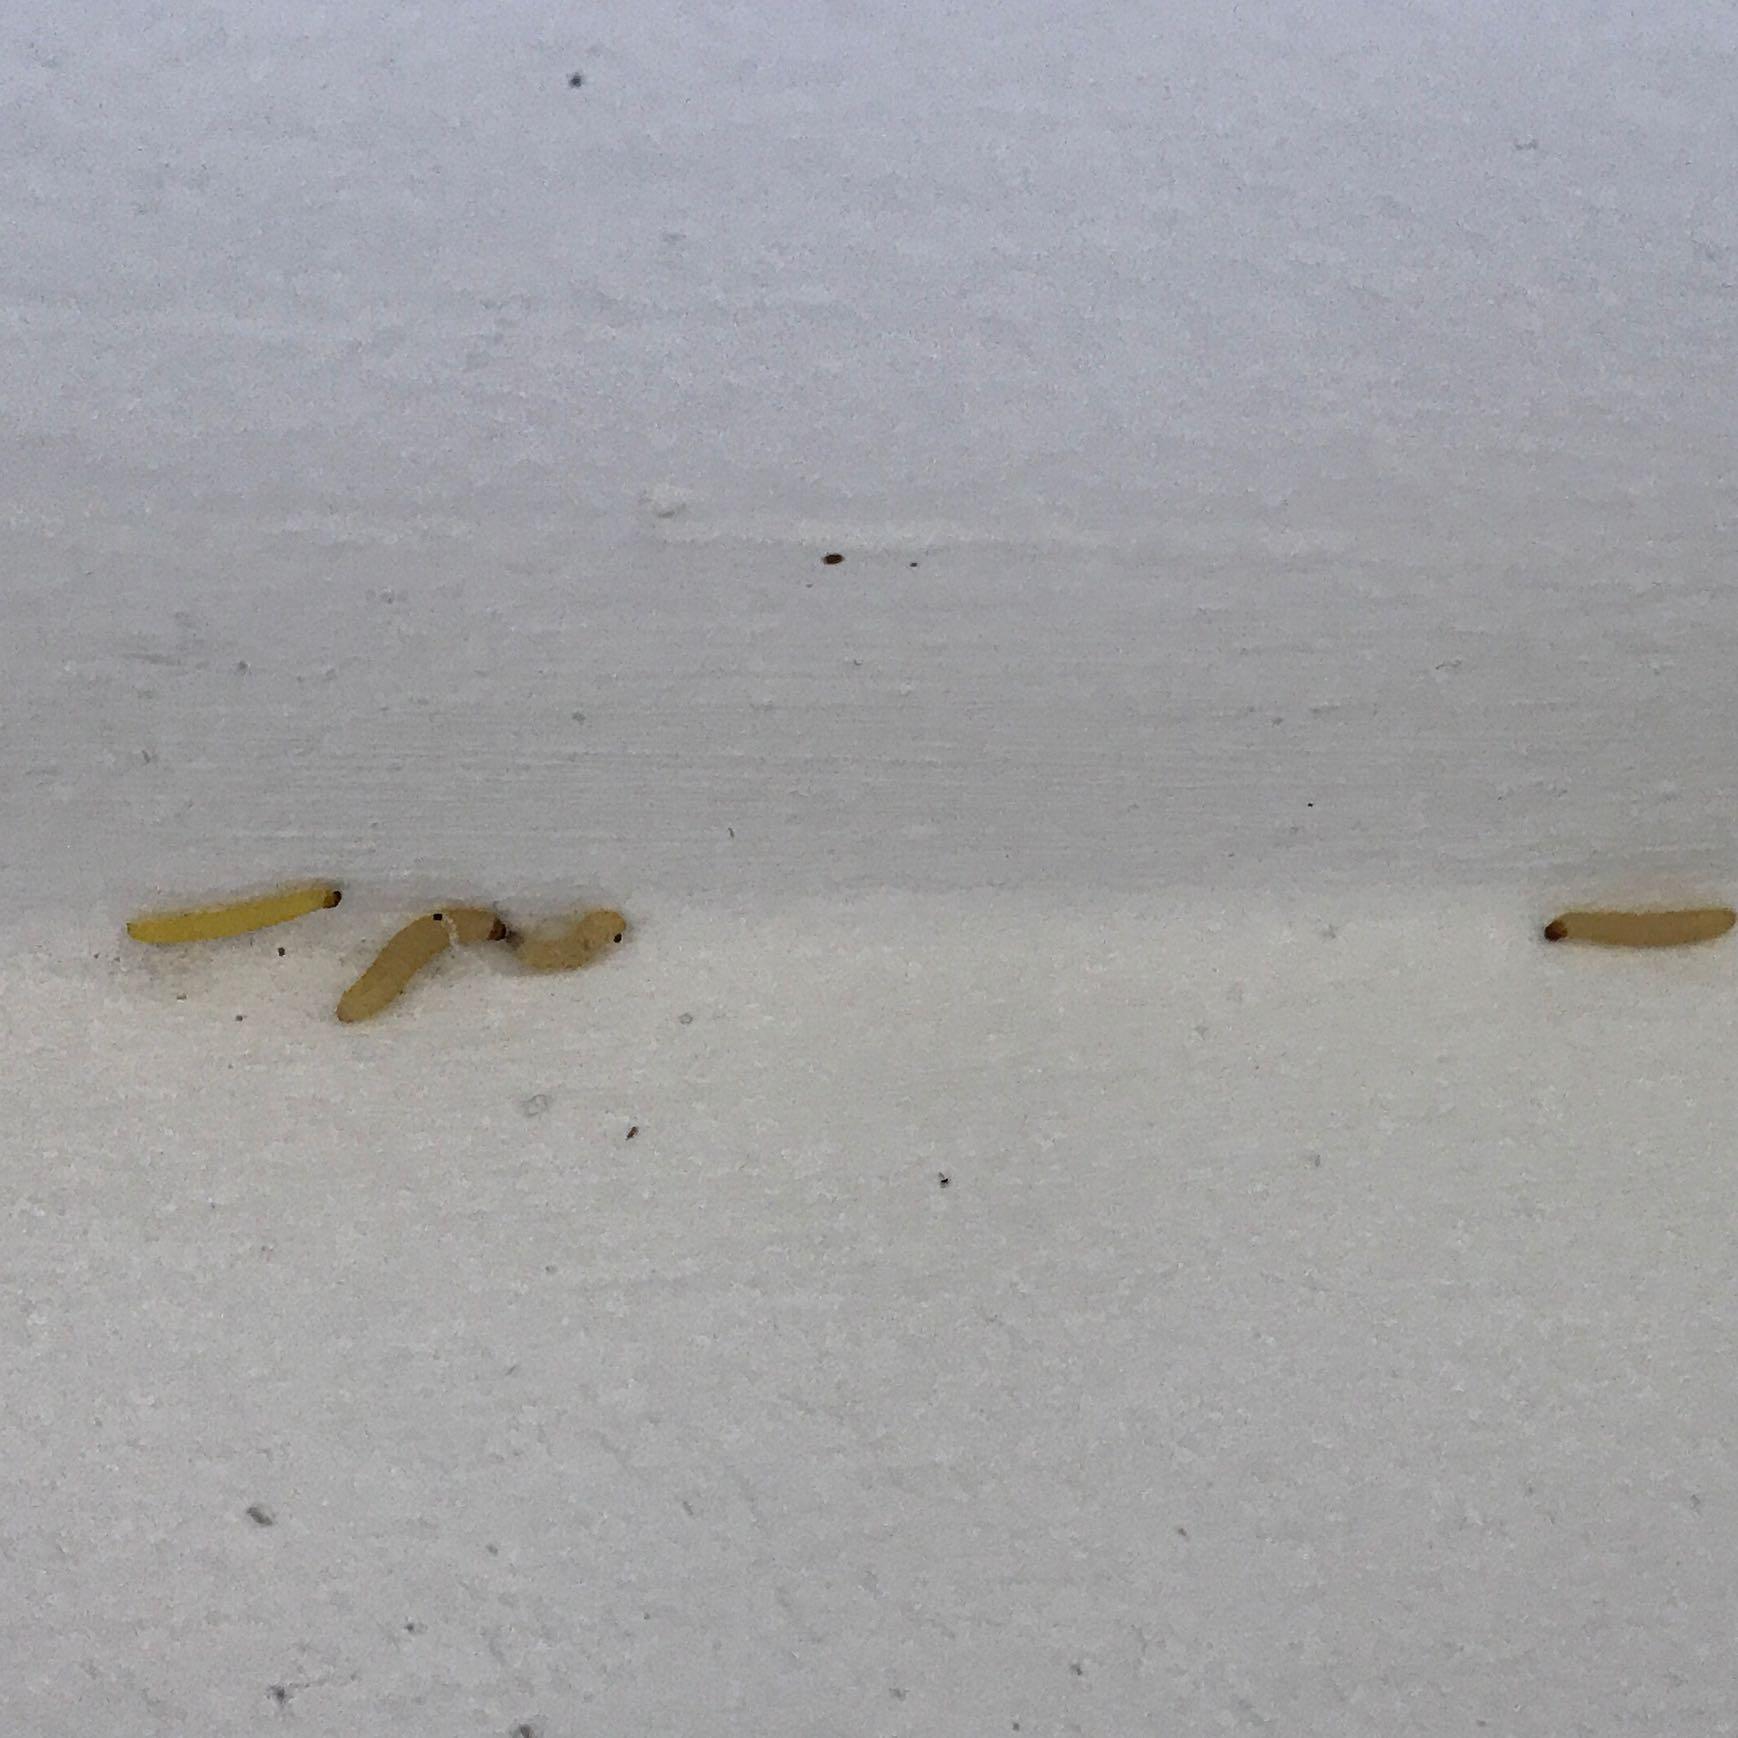 Würmer Larven In Der Küche  Braune Larven In Der Wohnung. Braune